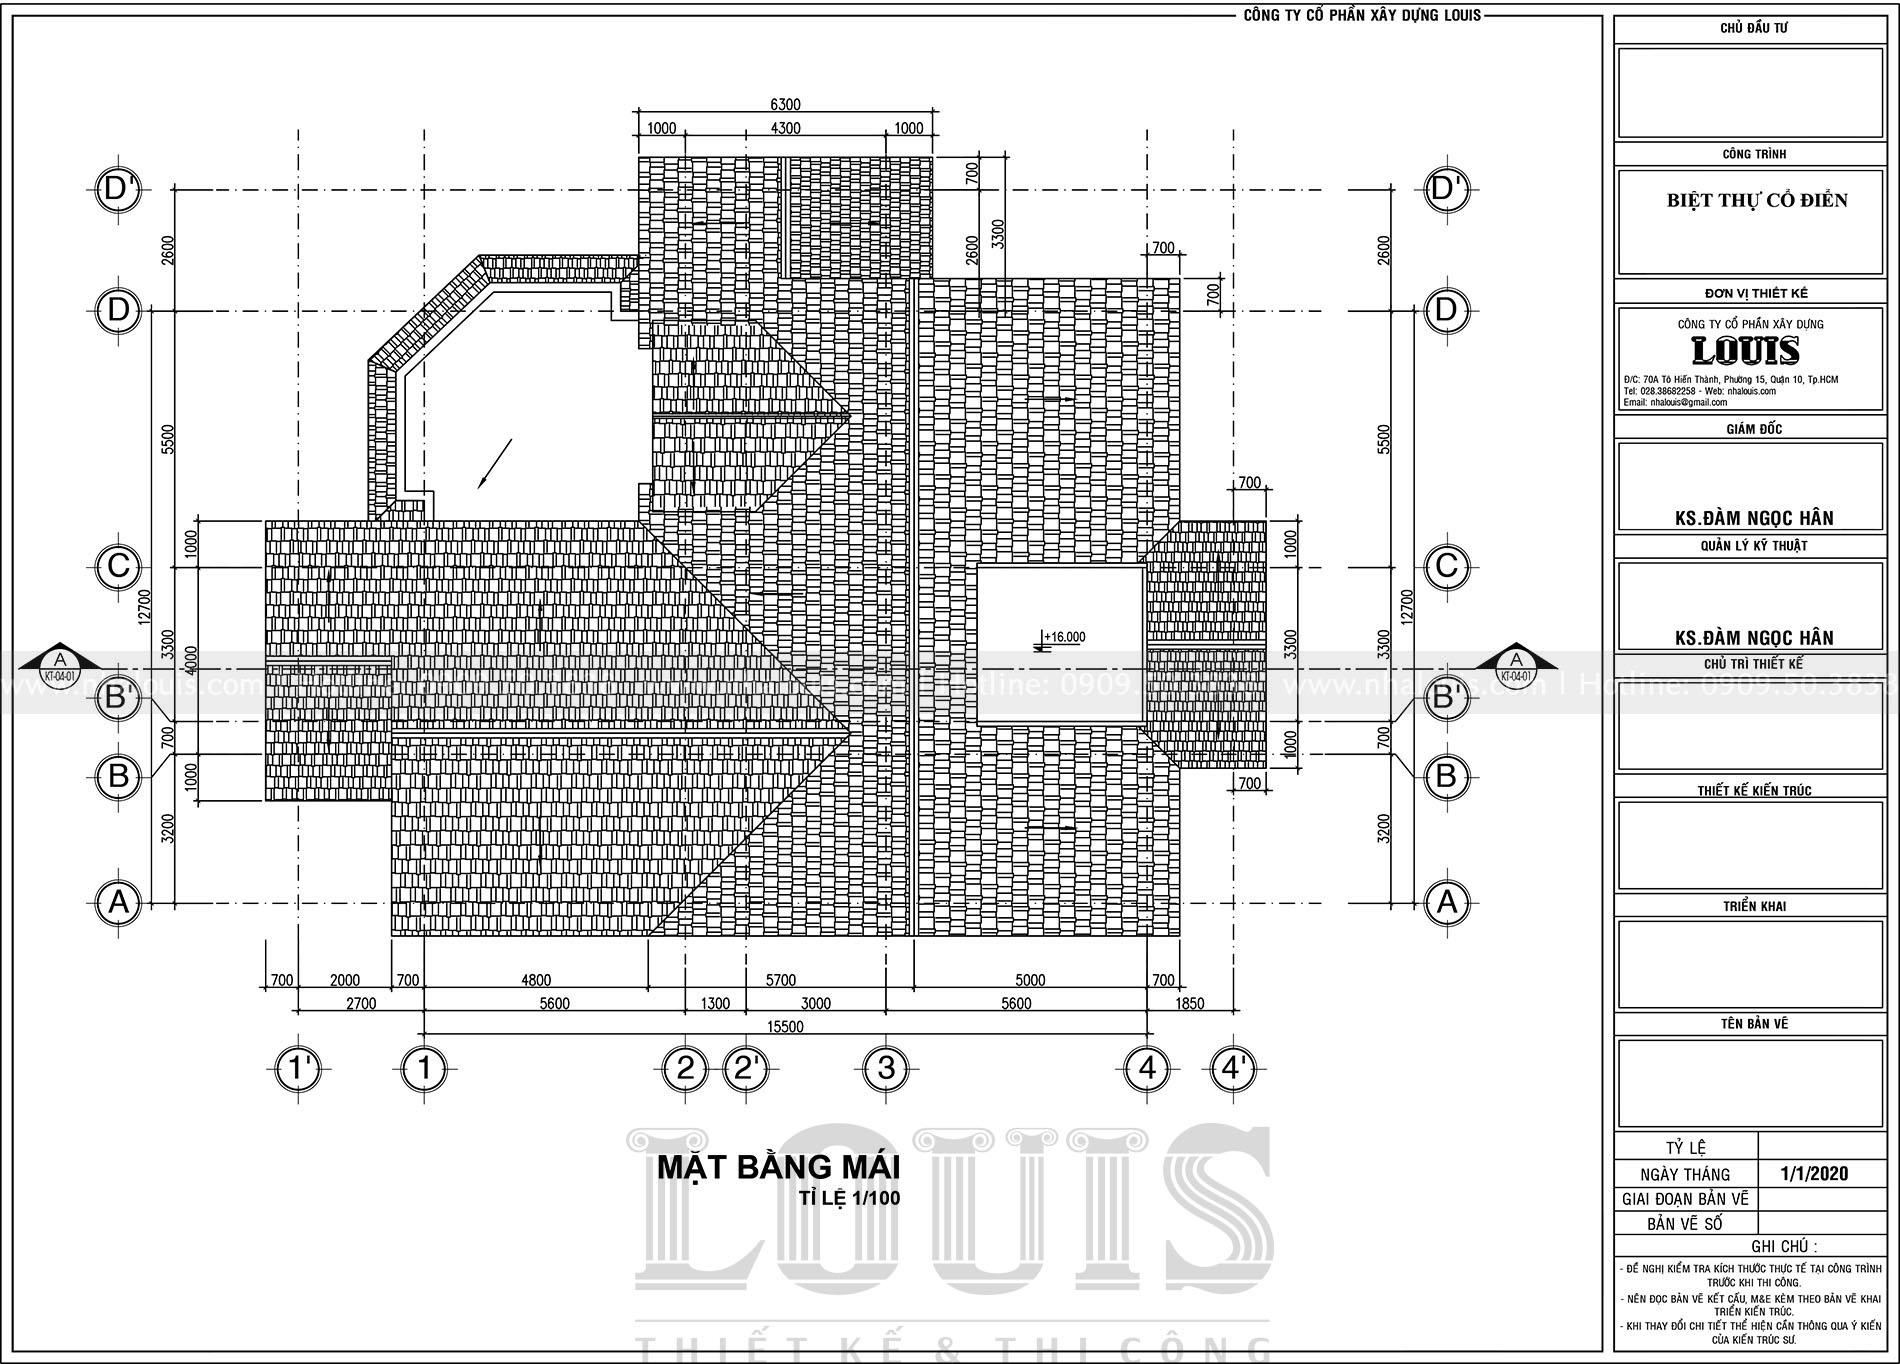 thiết kế biệt thự 4 tầng tân cổ điển đẹp tại bến tre